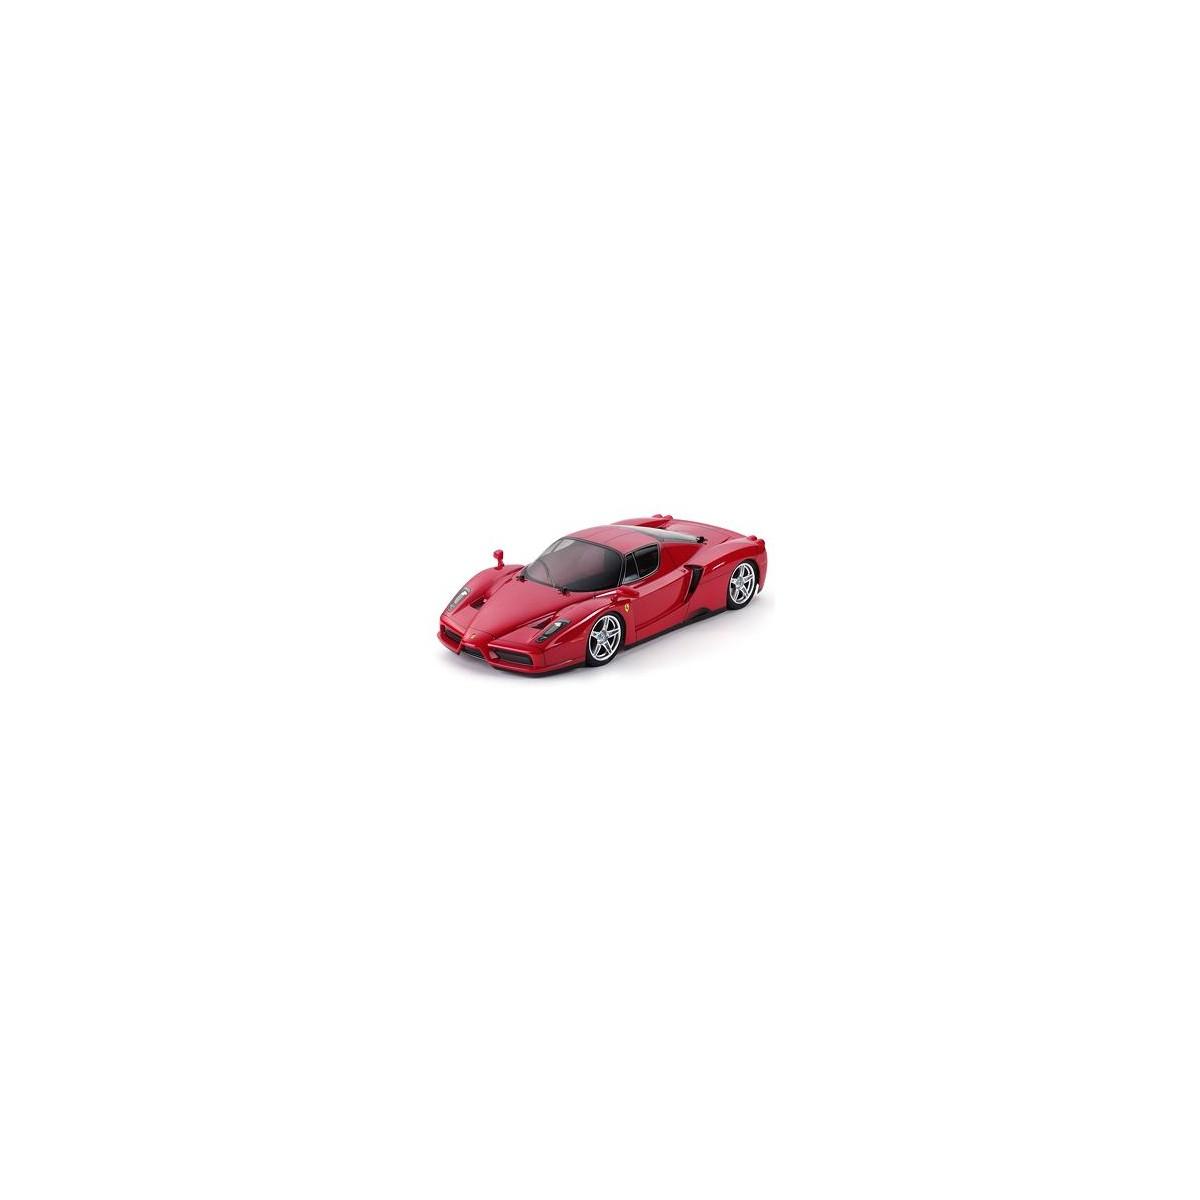 Tamiya Enzo Ferrari Tt 01 58302